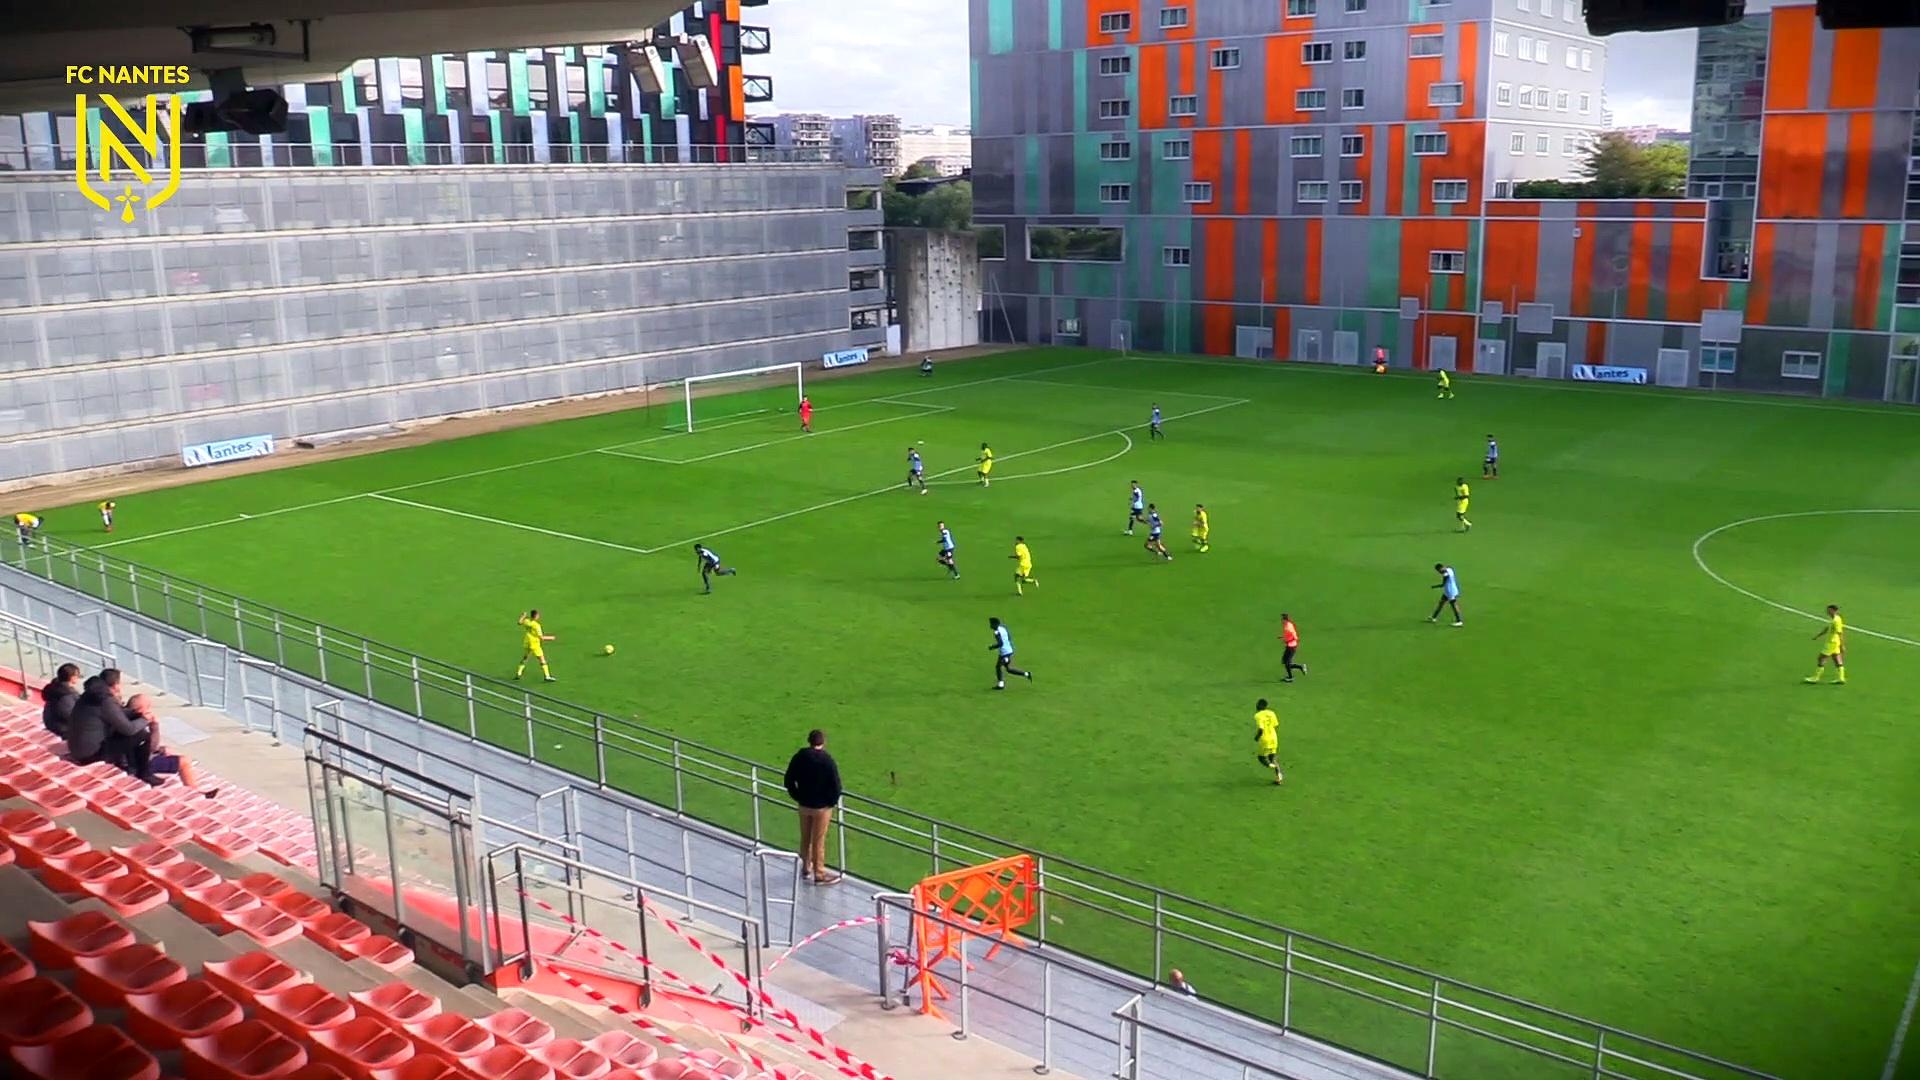 U19. Les buts de FCN - Tours FC (10-0)